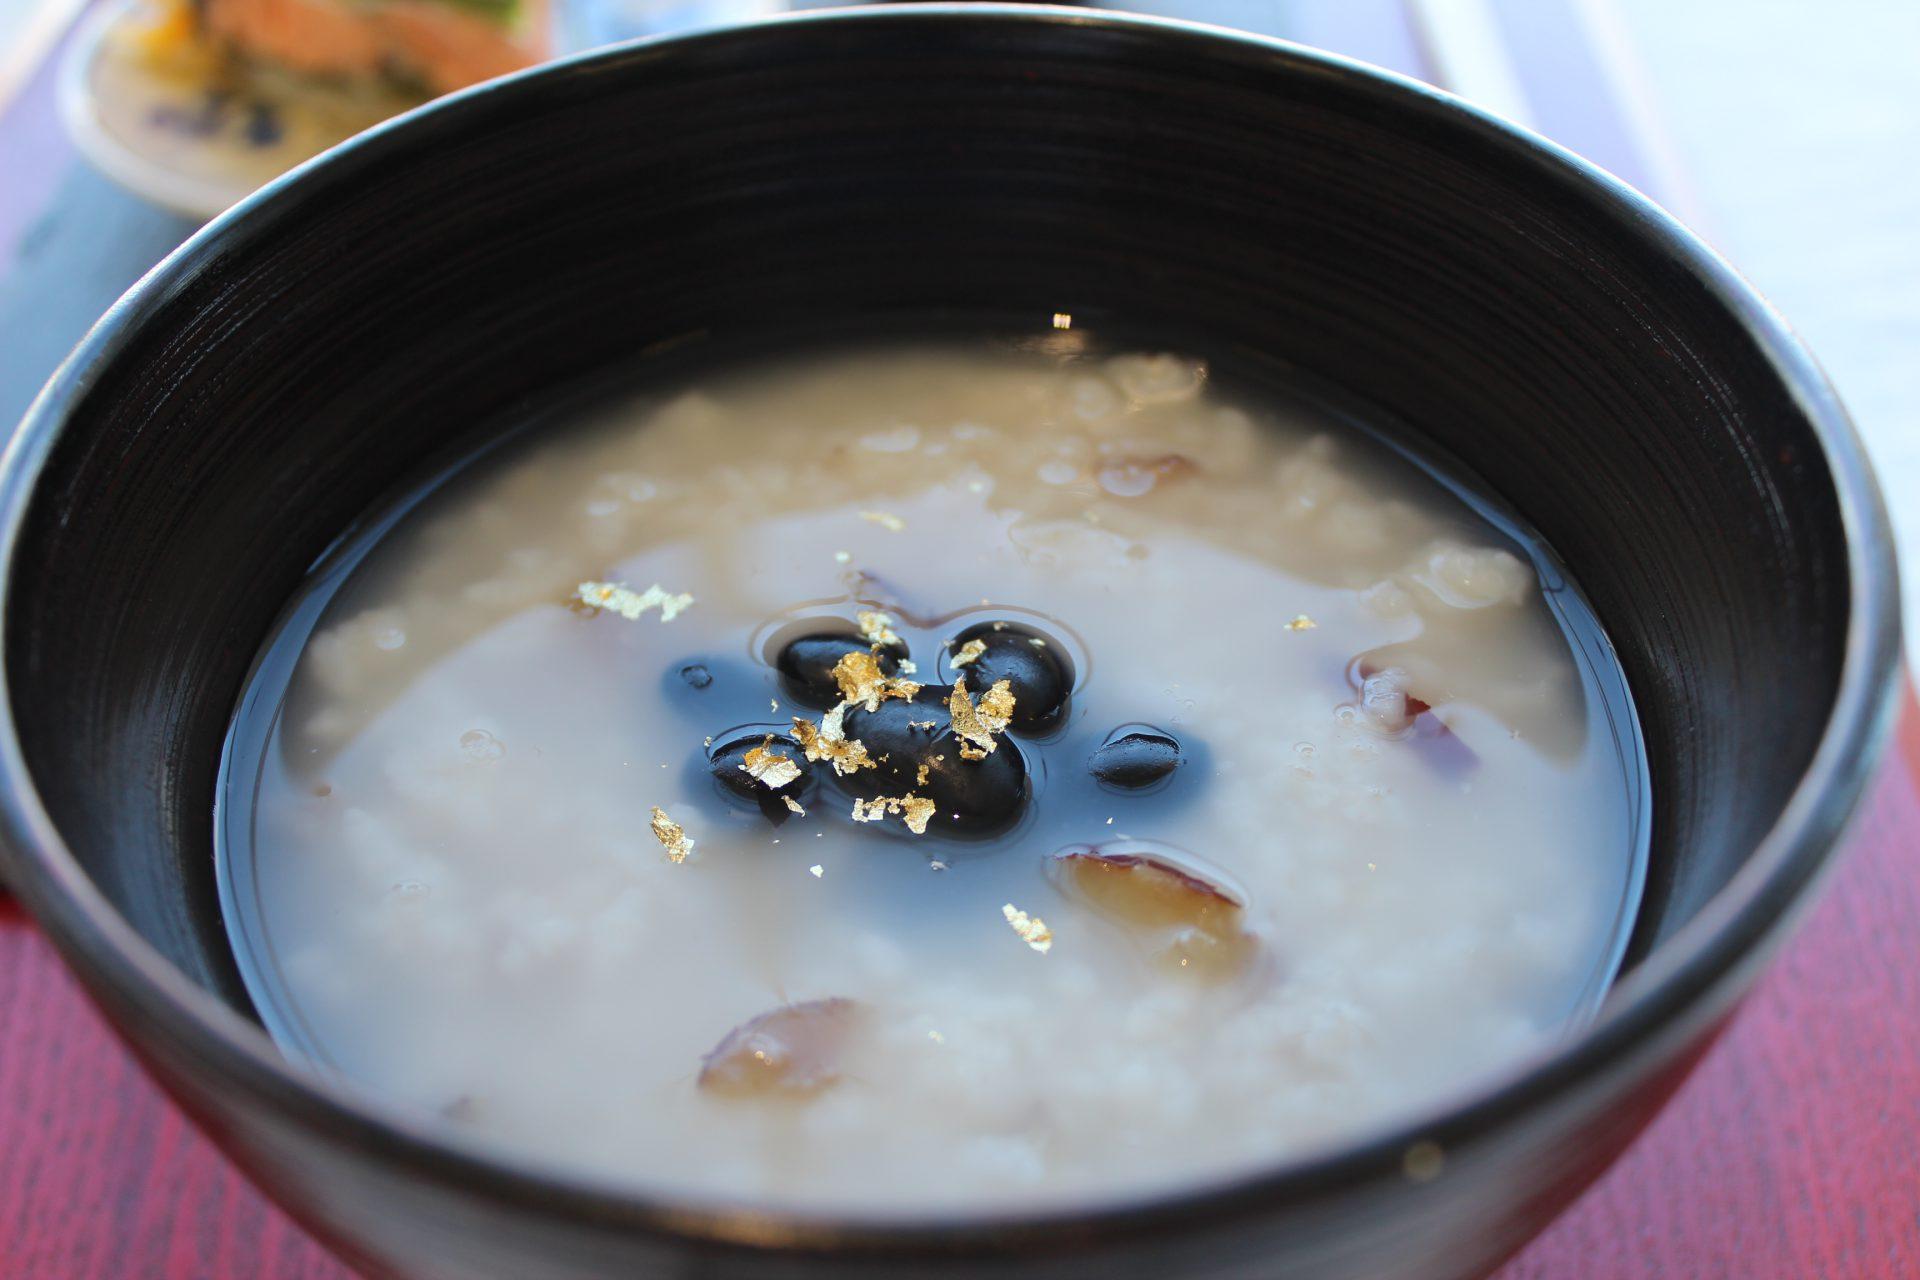 なつめいろの玄米となつめのグラノーラはとても美味しい。ミネラル・ビタミンB群・たんぱく質・食物繊維がたっぷり、貧血や更年期・PMSに良い。  なつめいろの棗で作ったナツメチップ(ナツメチップス)は鉄分・葉酸がたっぷり、美肌に効く。そして妊娠(妊活)から更年期障害まで効果的。